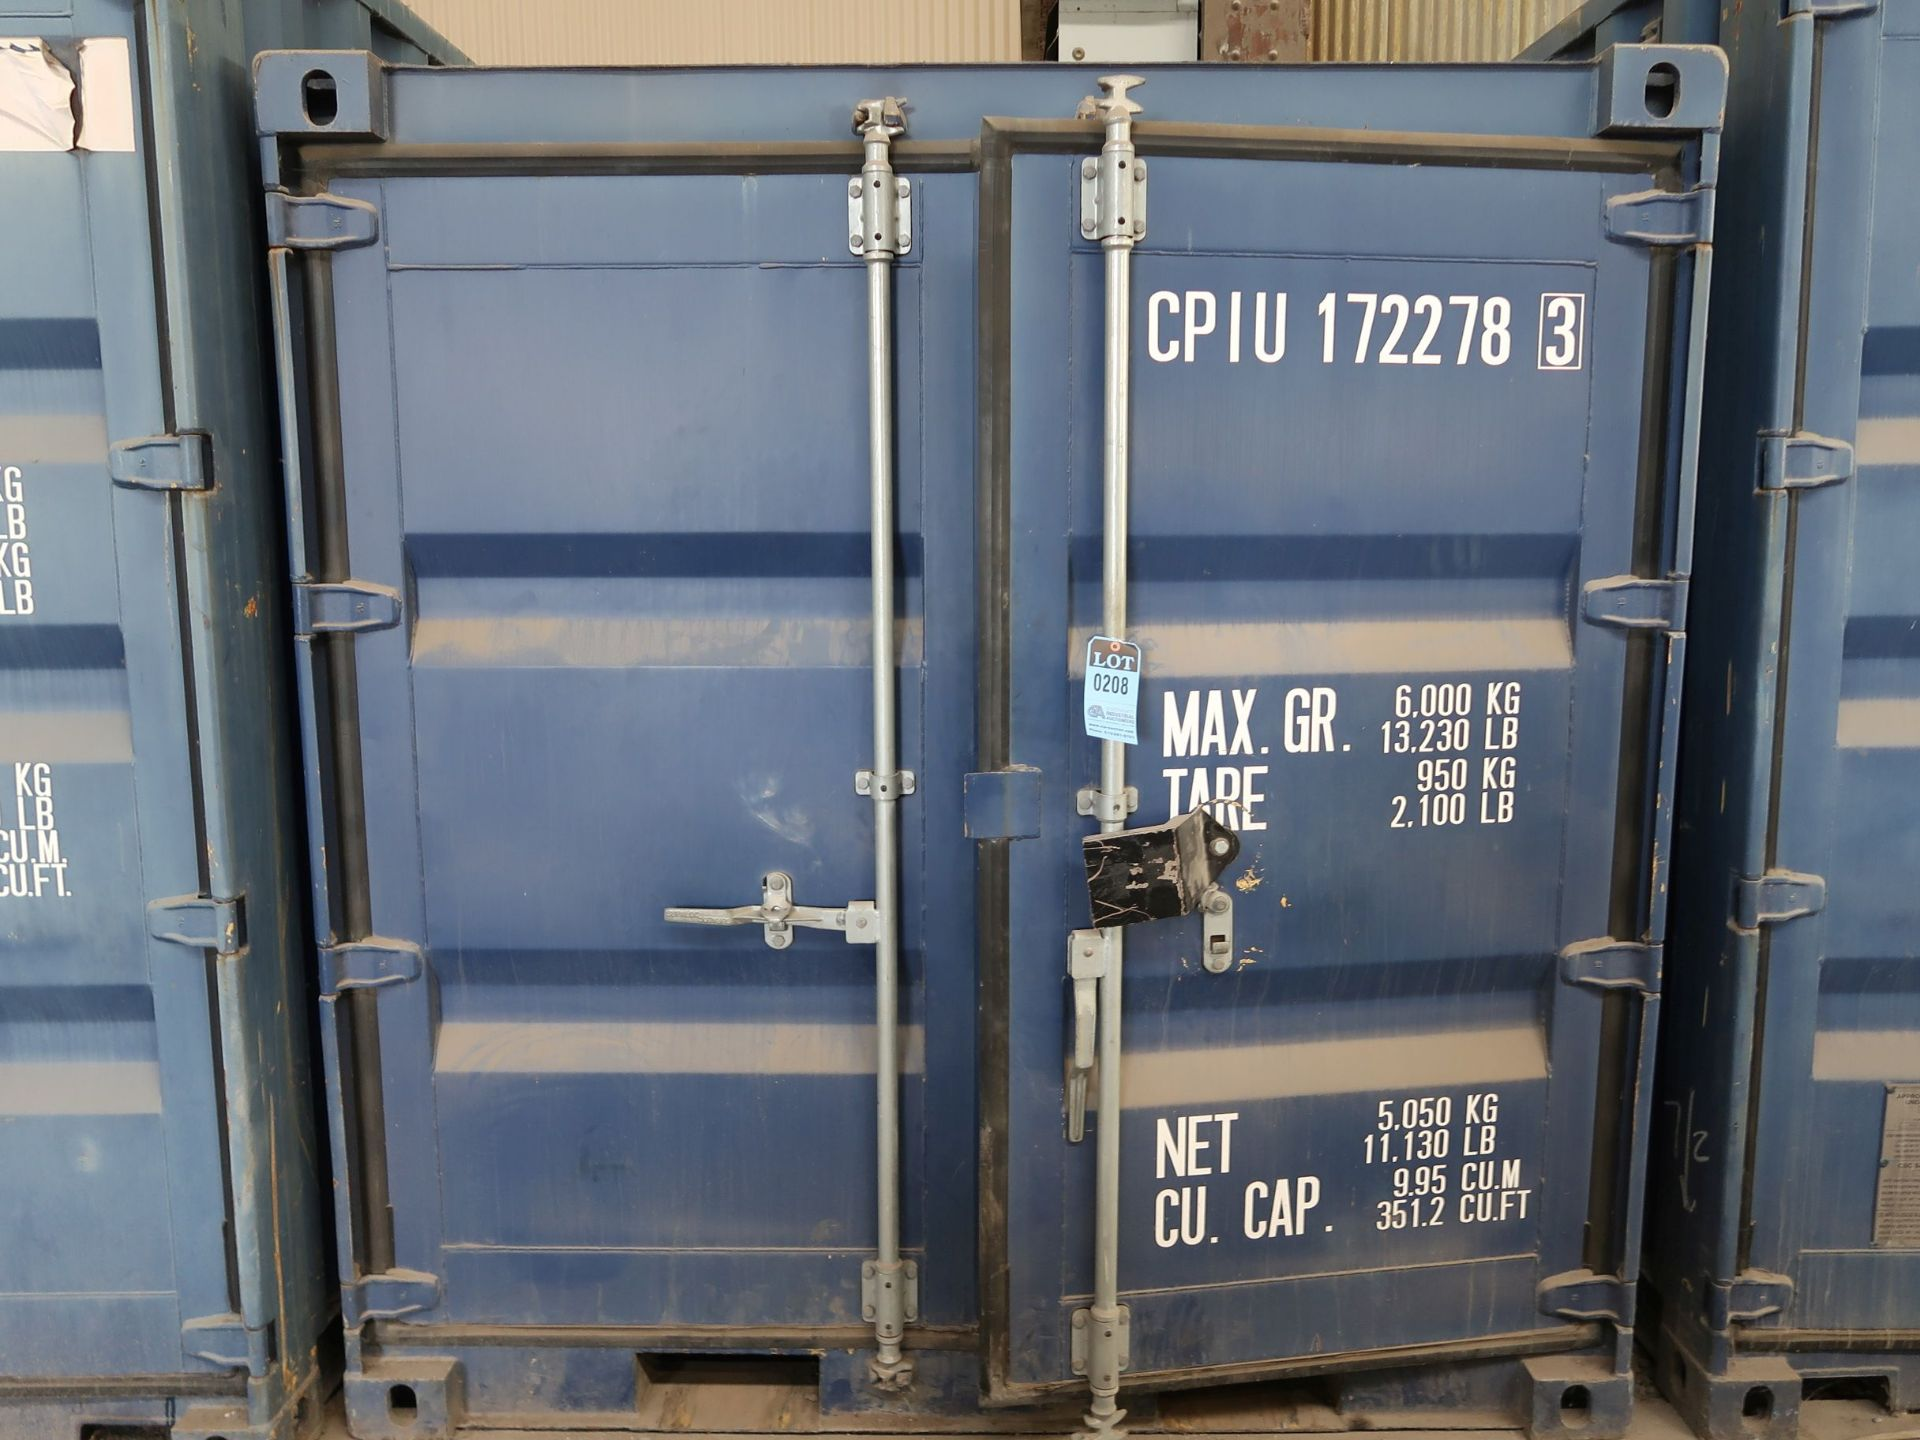 """Lot 208 - 86"""" X 96"""" X 89"""" X 351 CU. FT. CONEX STORAGE CONTAINER WITH STANDARD DOOR"""